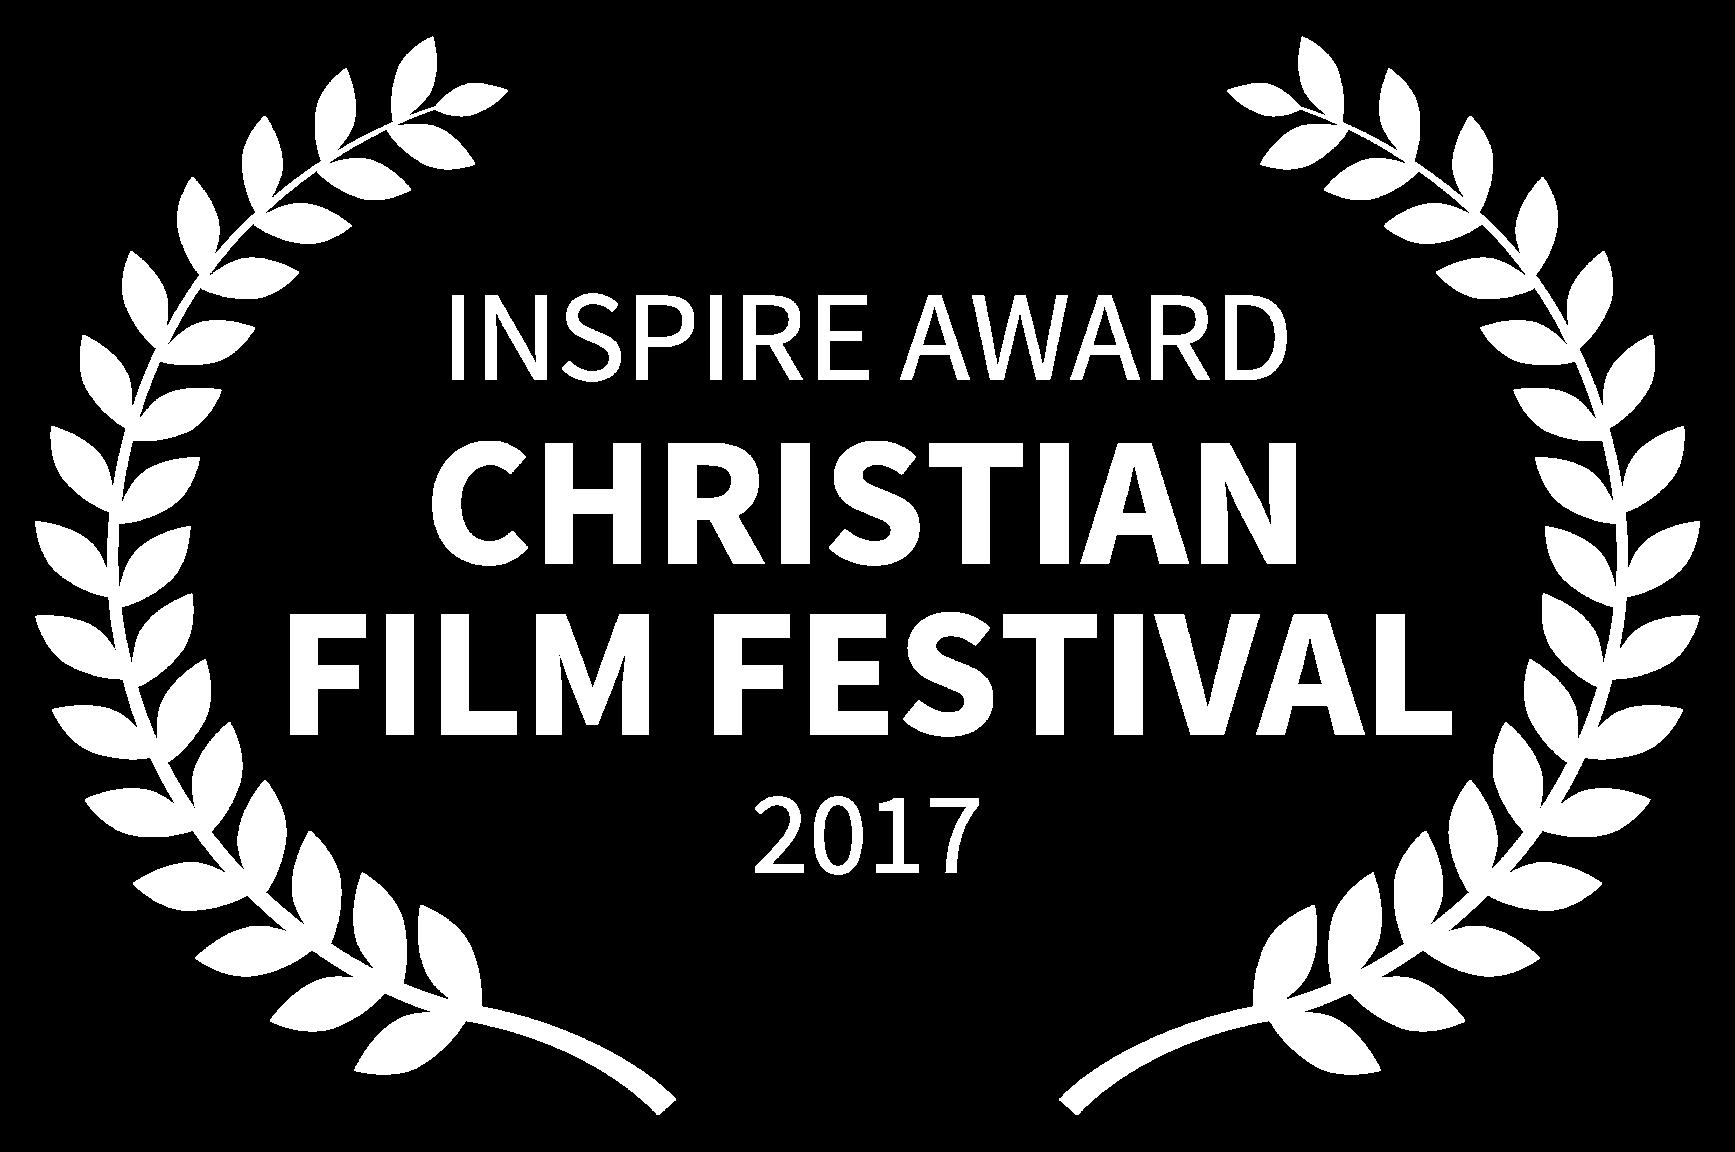 INSPIRE AWARD - CHRISTIAN FILM FESTIVAL - 2017.png